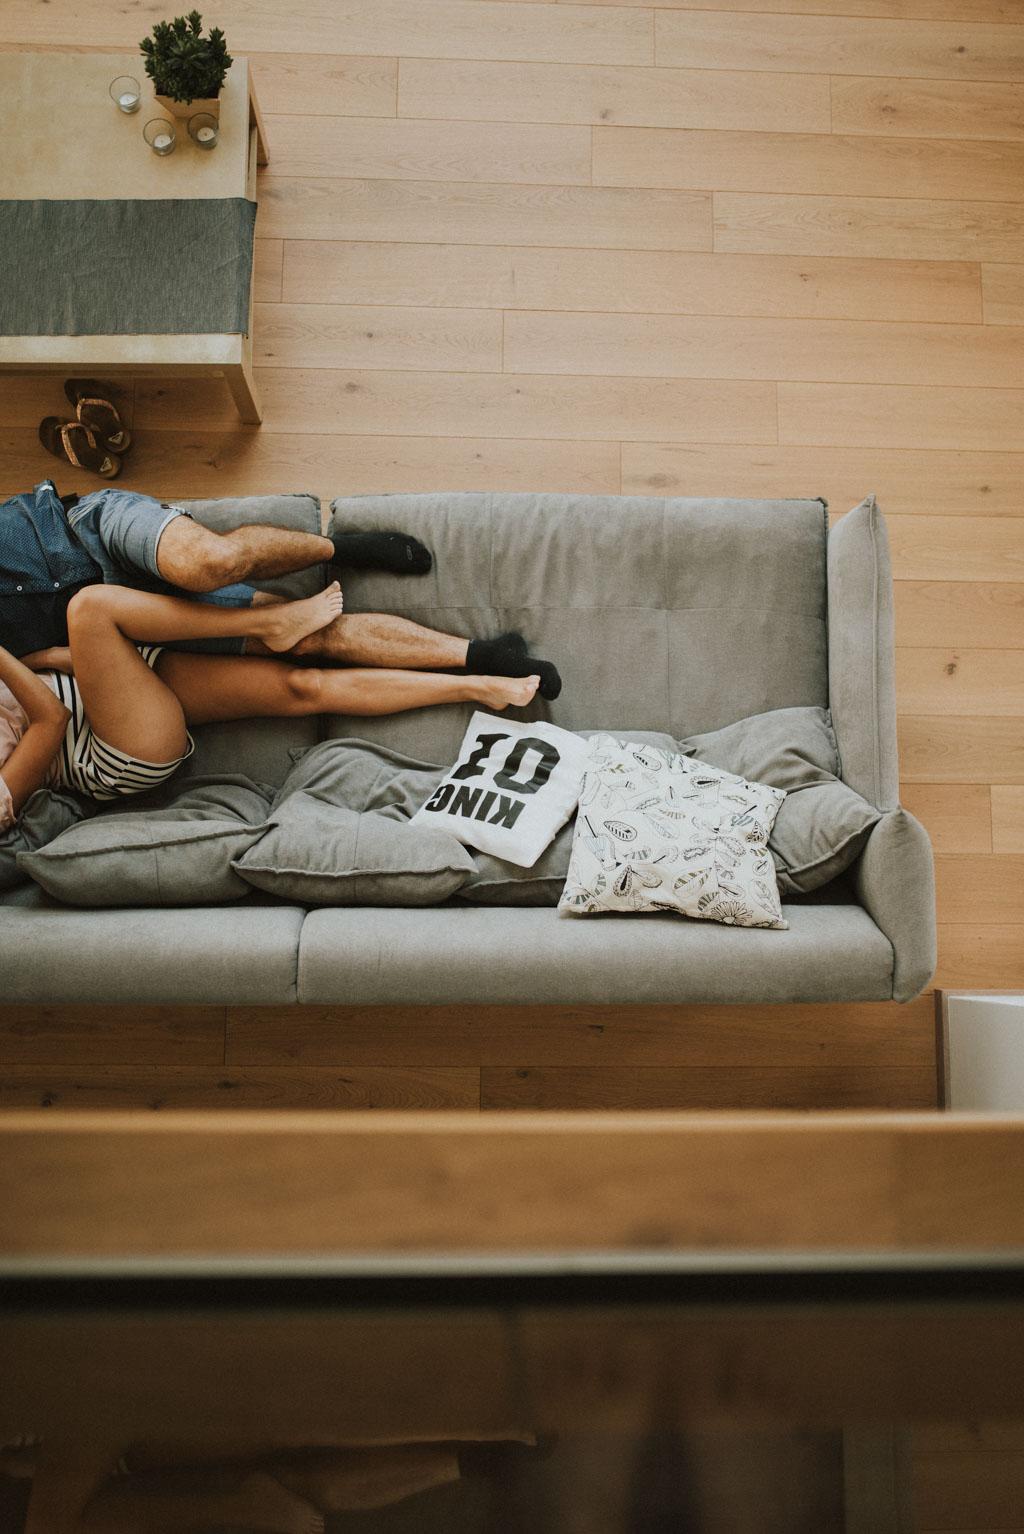 sesja narzeczeńska przedślubna w domu zdjęcia pary na kanapie